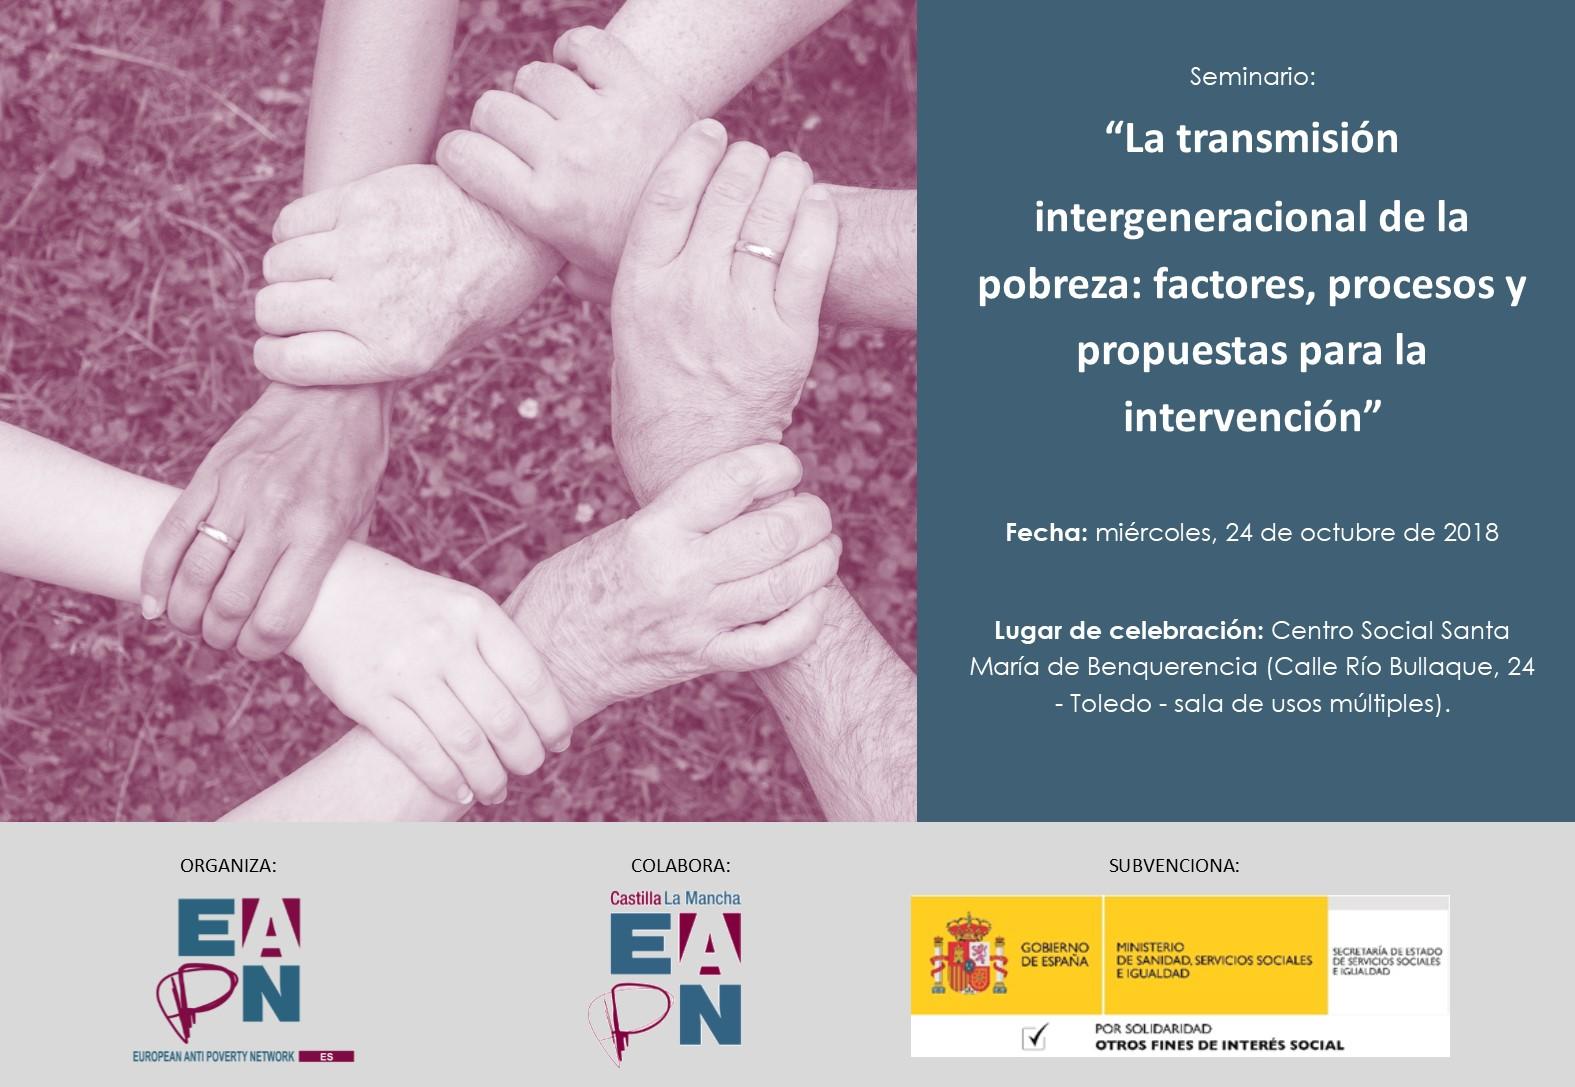 """Toledo acogerá el Seminario: """"La transmisión intergeneracional de la pobreza: factores, procesos y propuestas para la intervención"""", organizado en colaboración con EAPN-ES"""